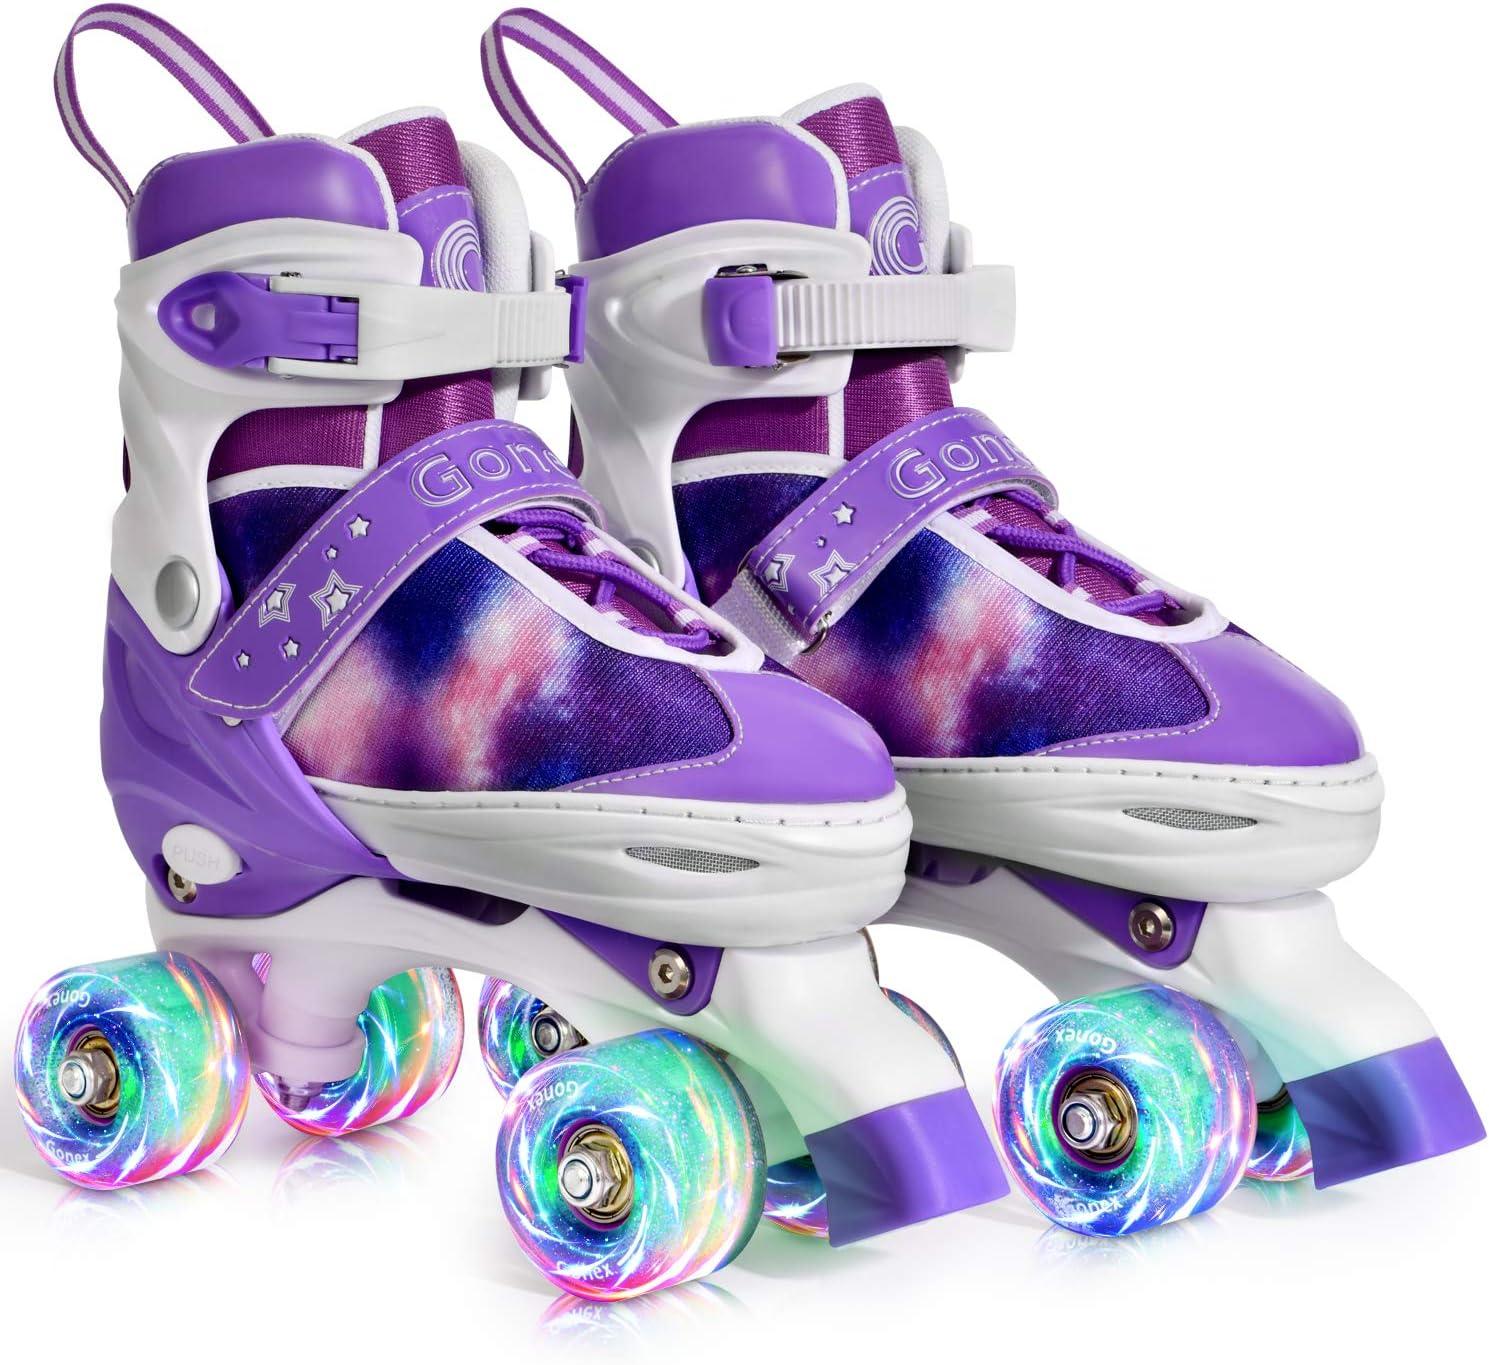 Gonex Roller Skates